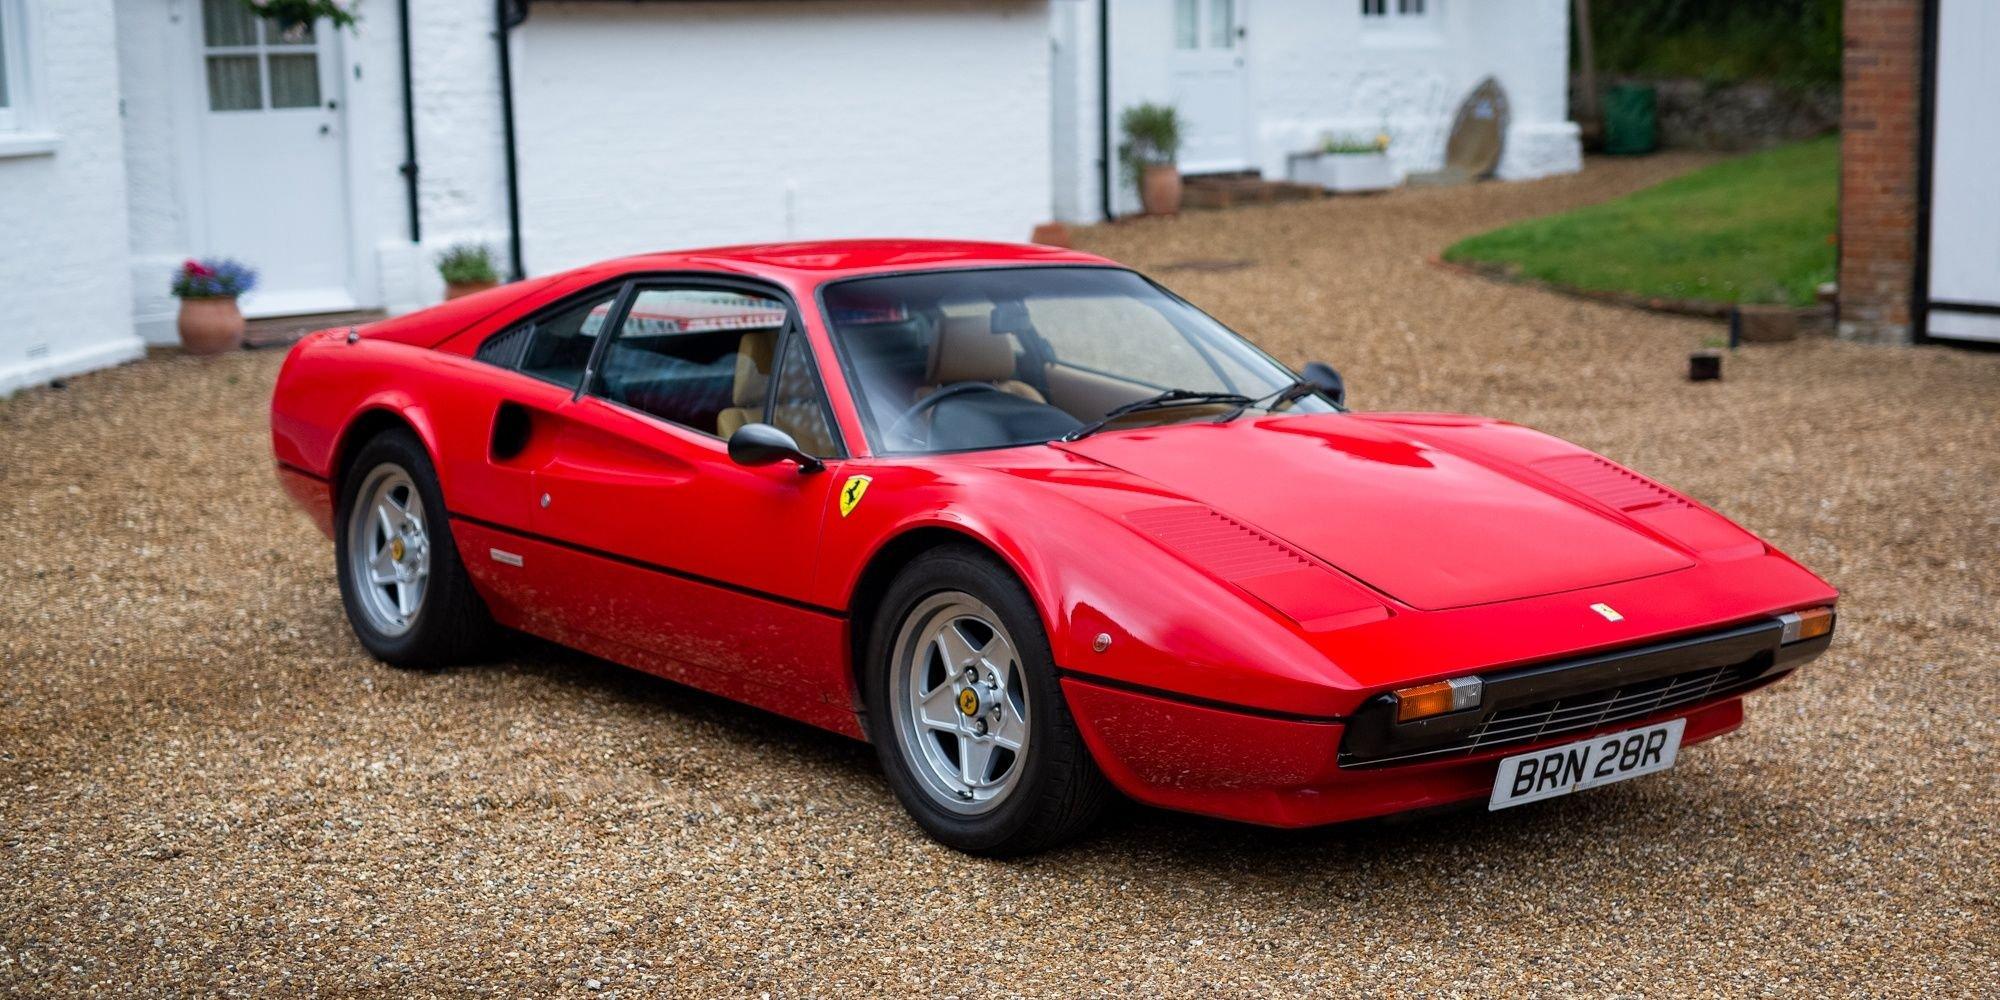 Here's Why We Love The 1975 Ferrari 308 GTB